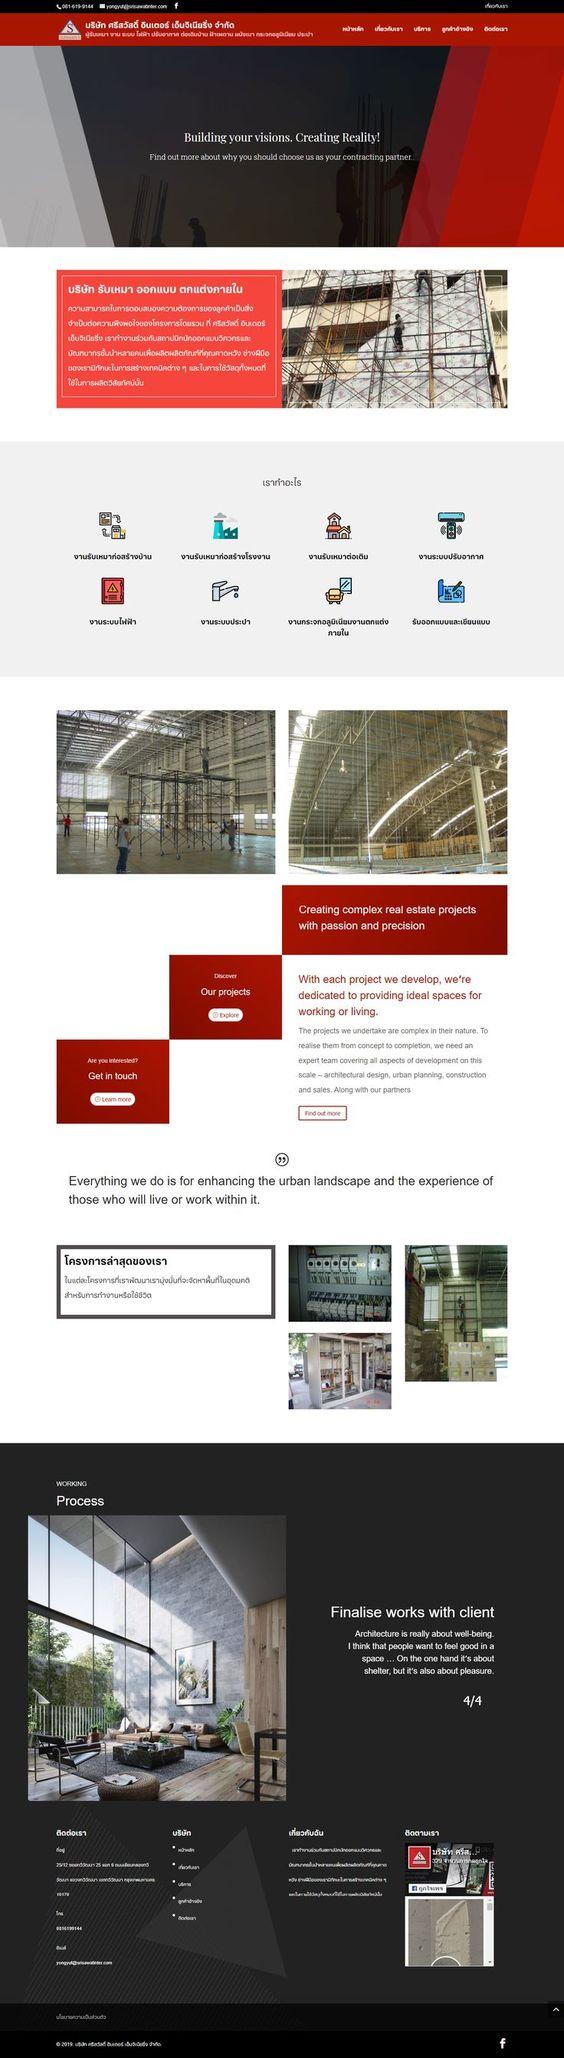 ออกแบบเว็บไซต์ บริษัท ศรีสวัสดิ์ อินเตอร์ เอ็นจิเนียริ่ง จำกัด